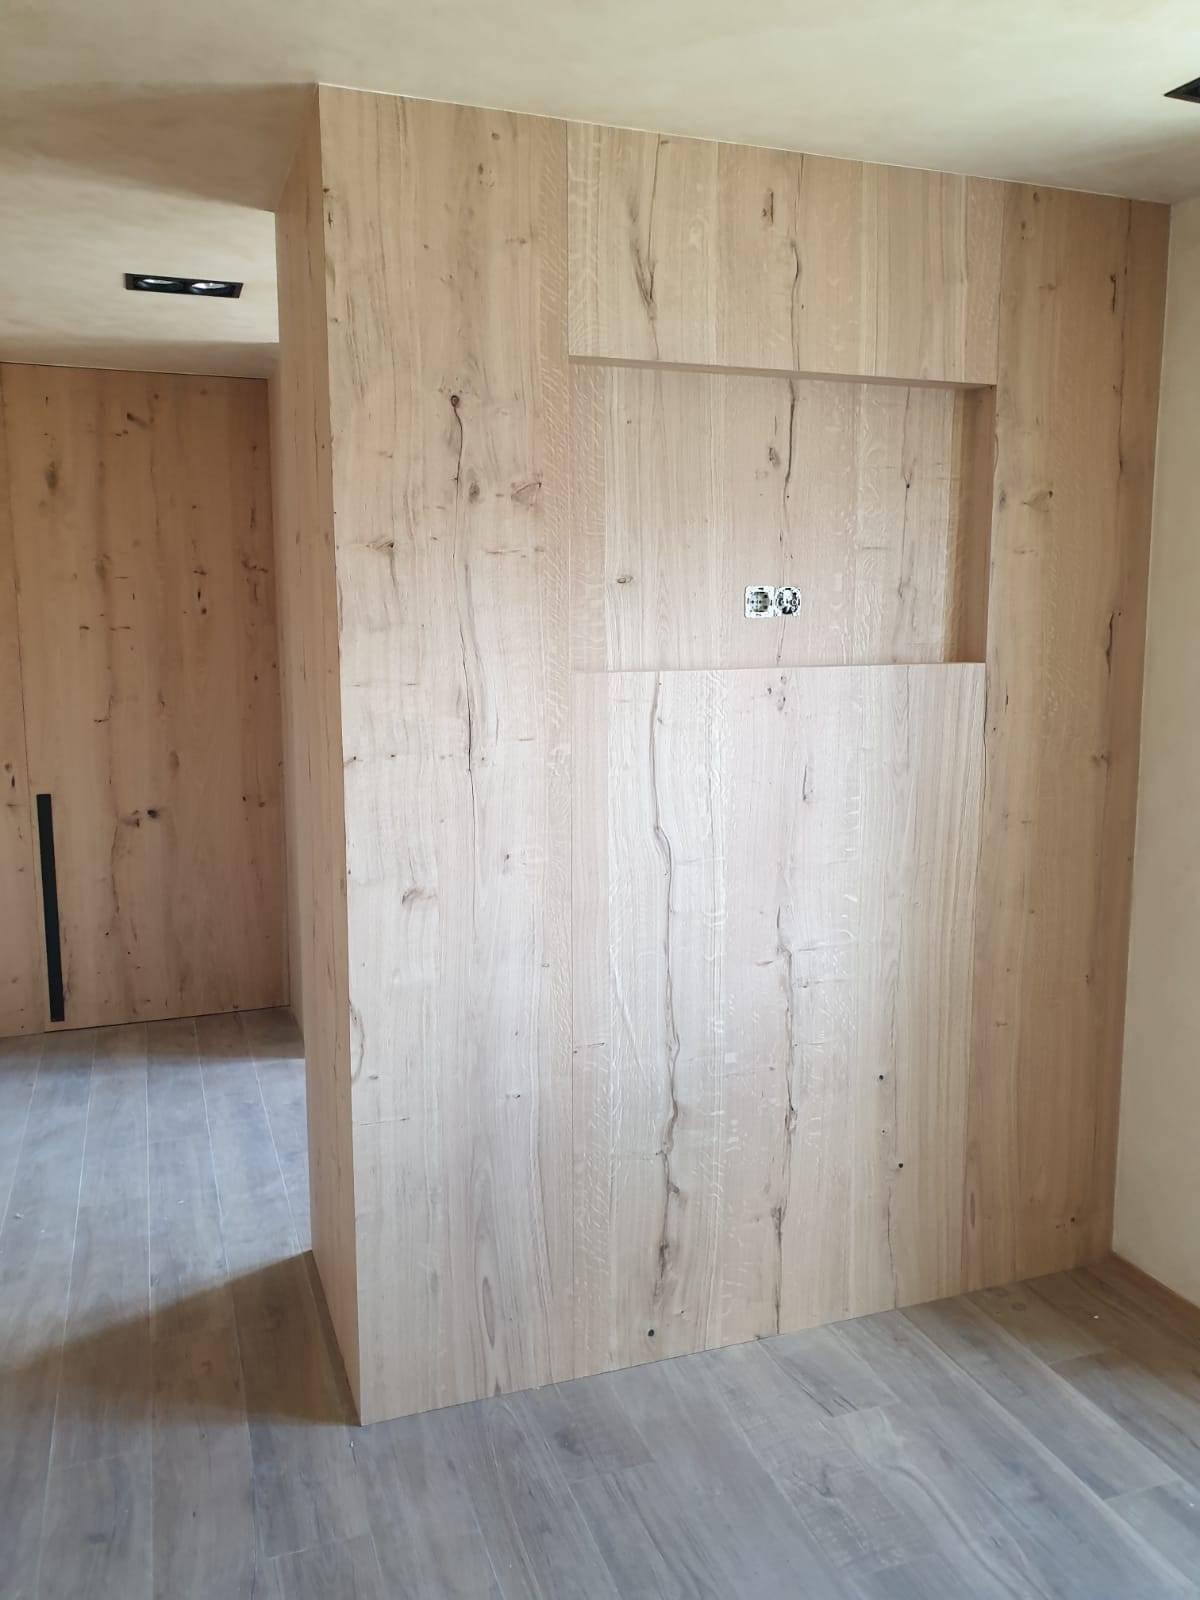 decoracion-rosa-lopez-decoradora-interiores-madera-mobiliario-pared-microcemento1